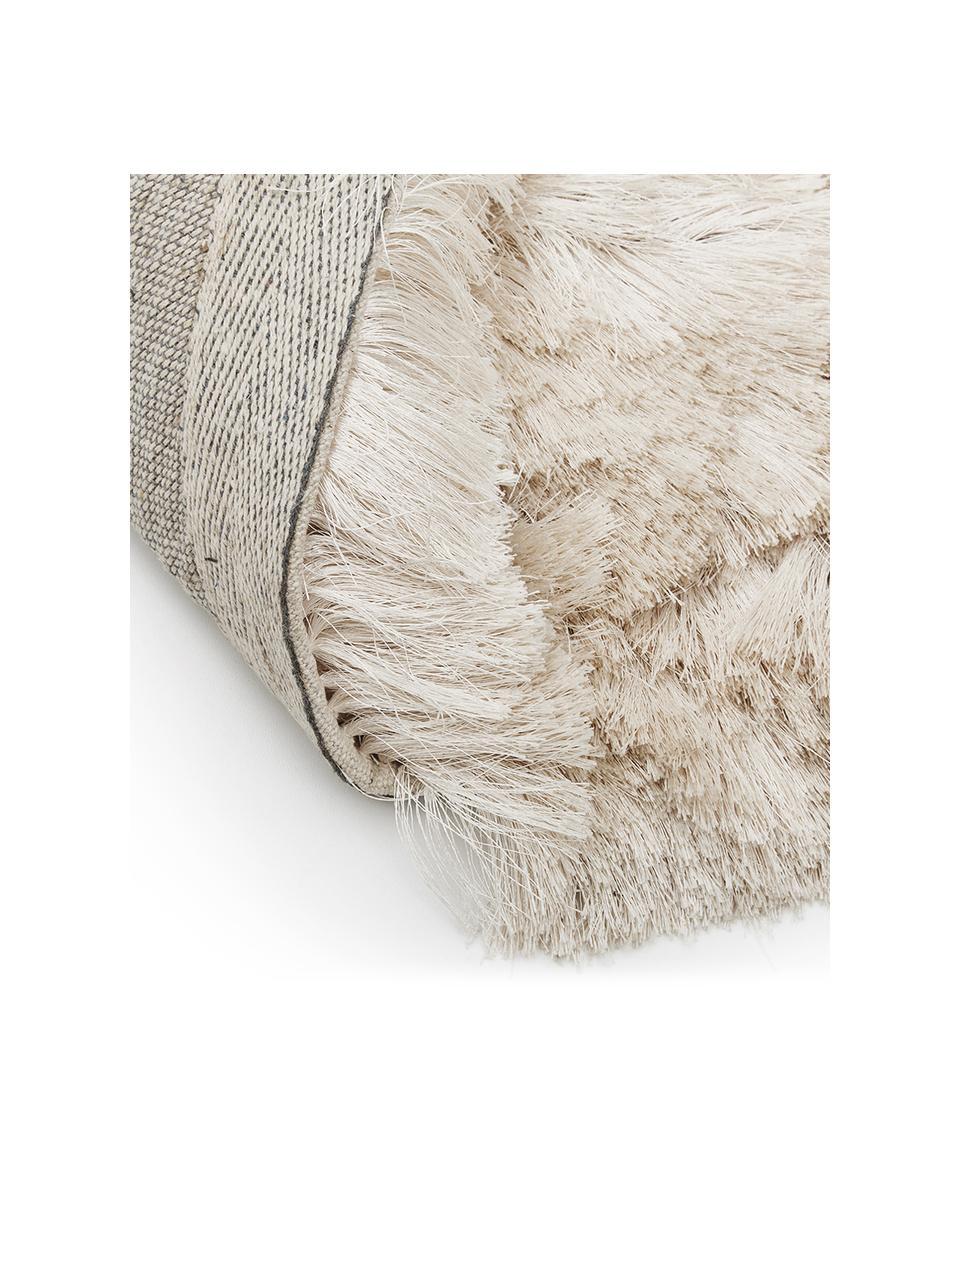 Glänzender Hochflor-Teppich Jimmy in Elfenbein, rund, Flor: 100% Polyester, Elfenbein, Ø 150 cm (Größe M)